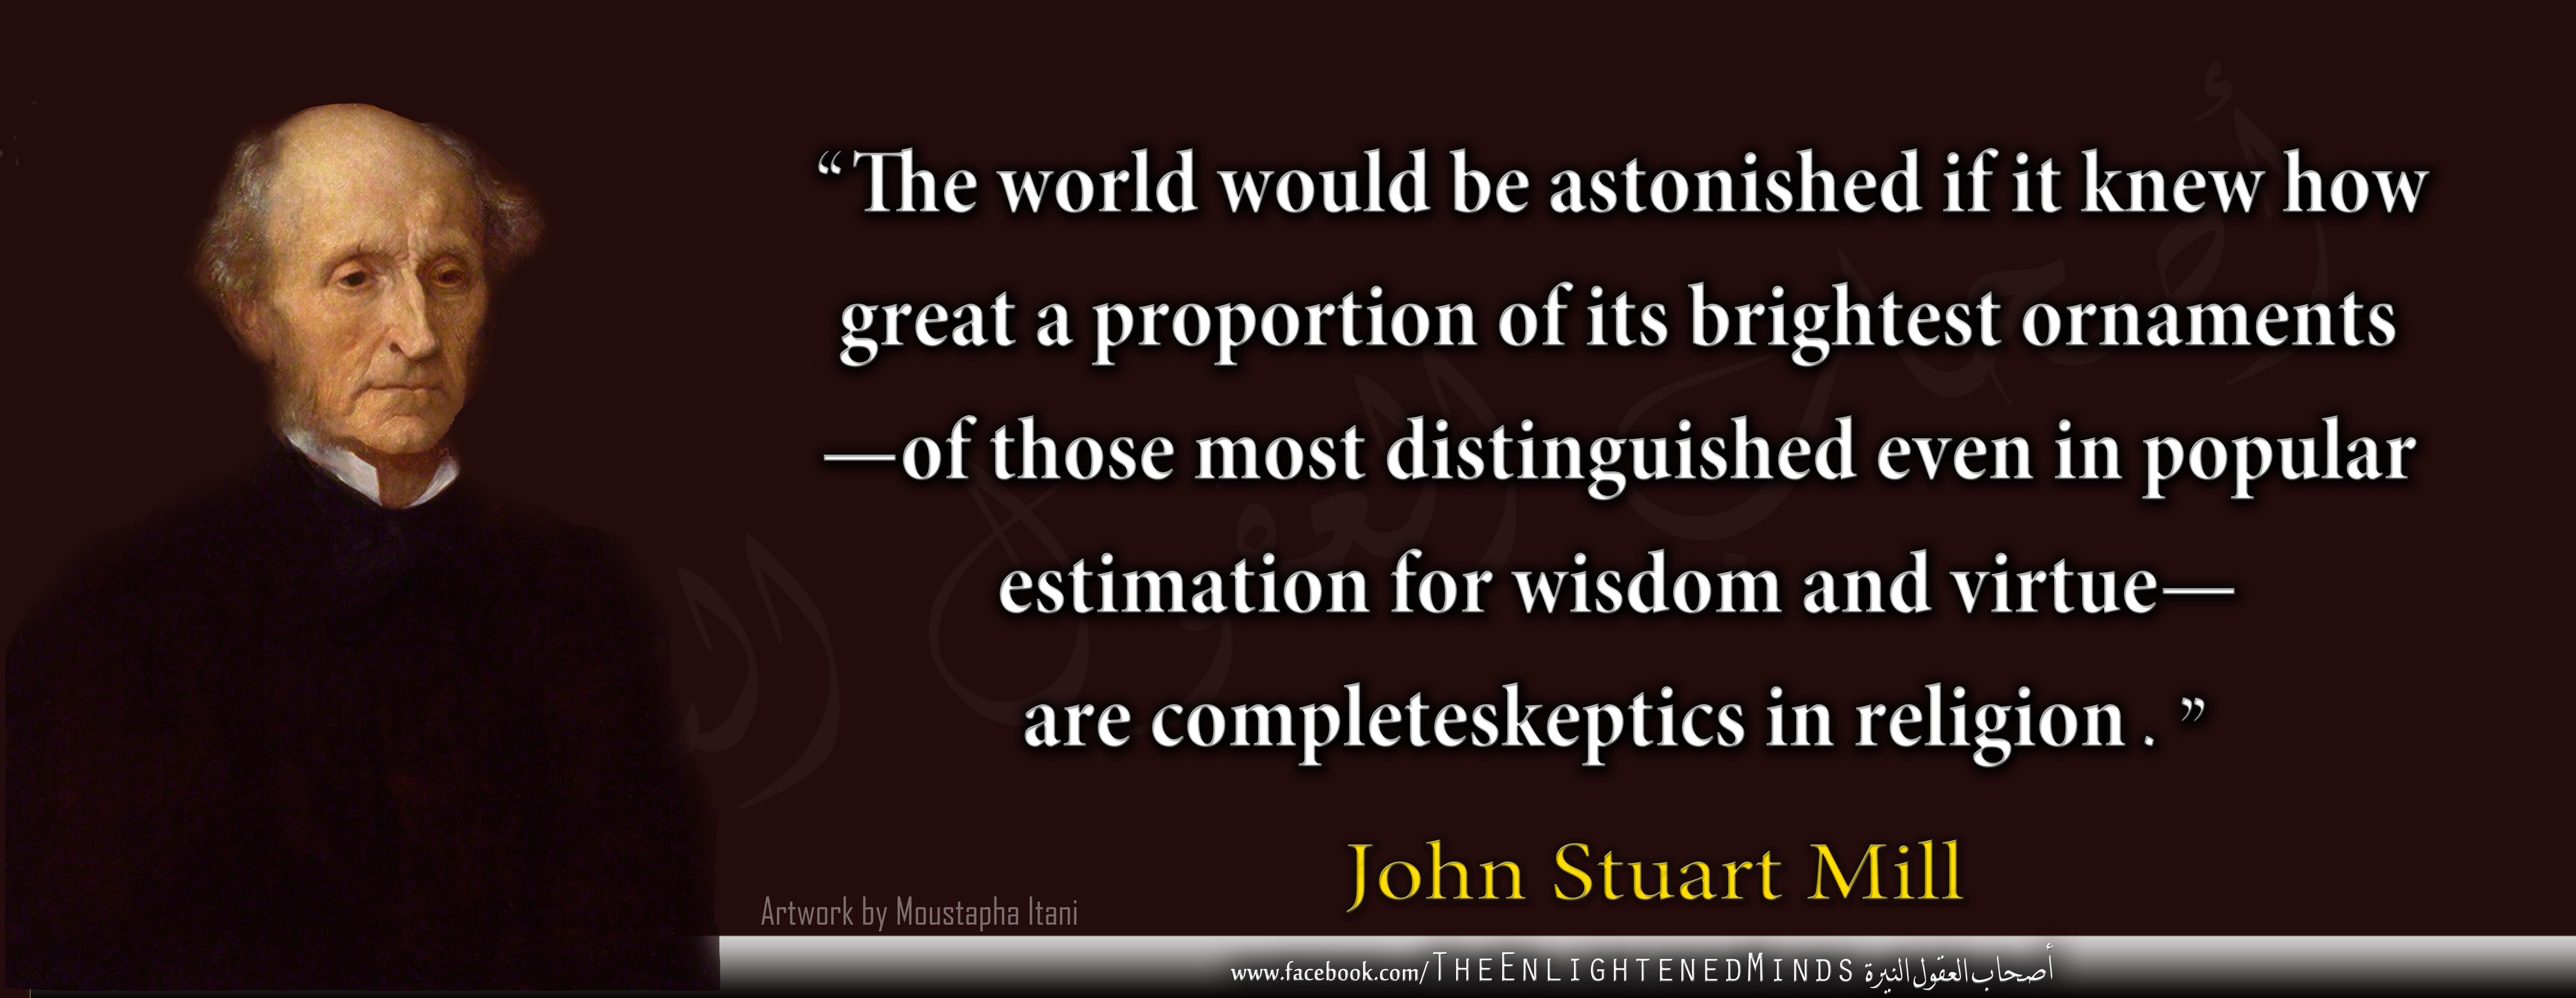 John Stuart Mill's quote #5